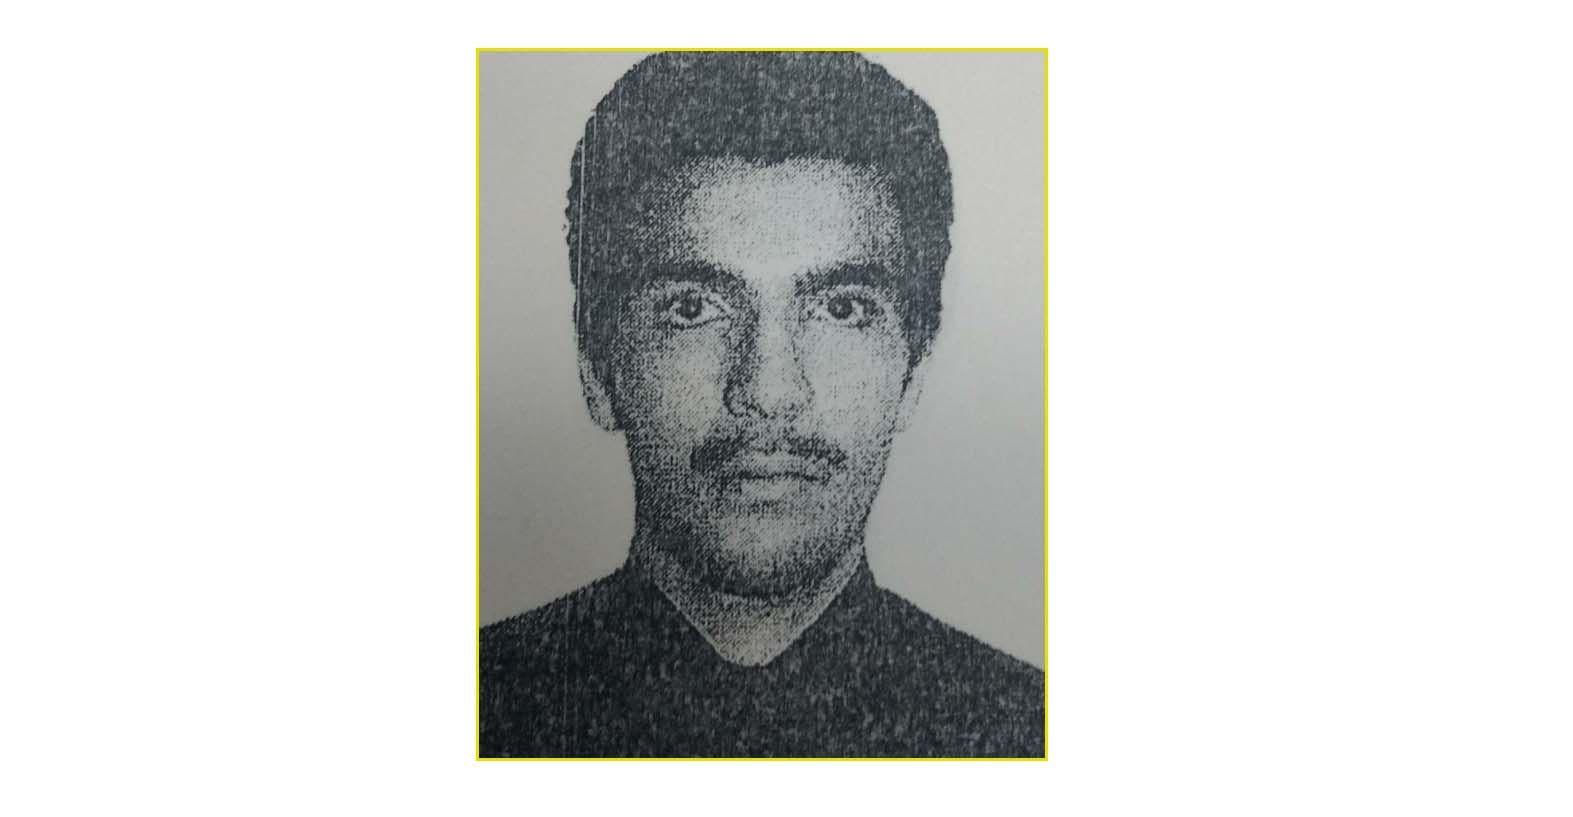 Acusado formalmente como persona ausente por homicidio de taxista en el 2014